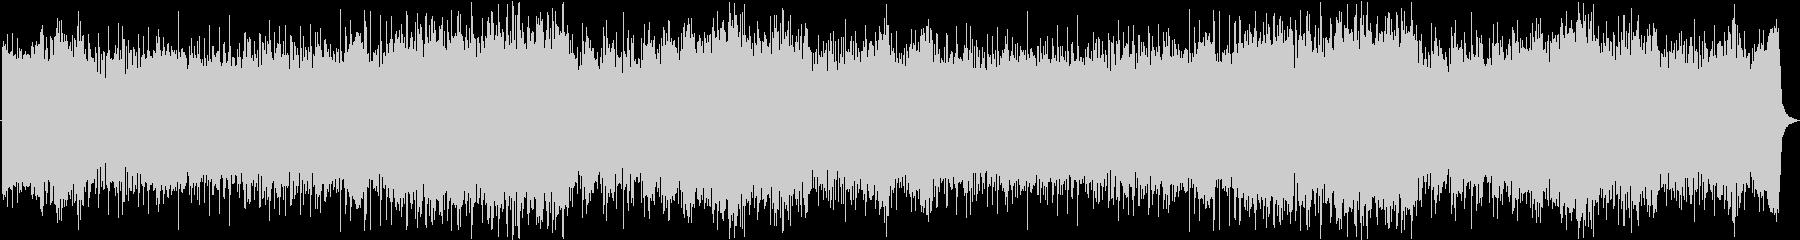 メロディアスで熱いゴシックロックの未再生の波形